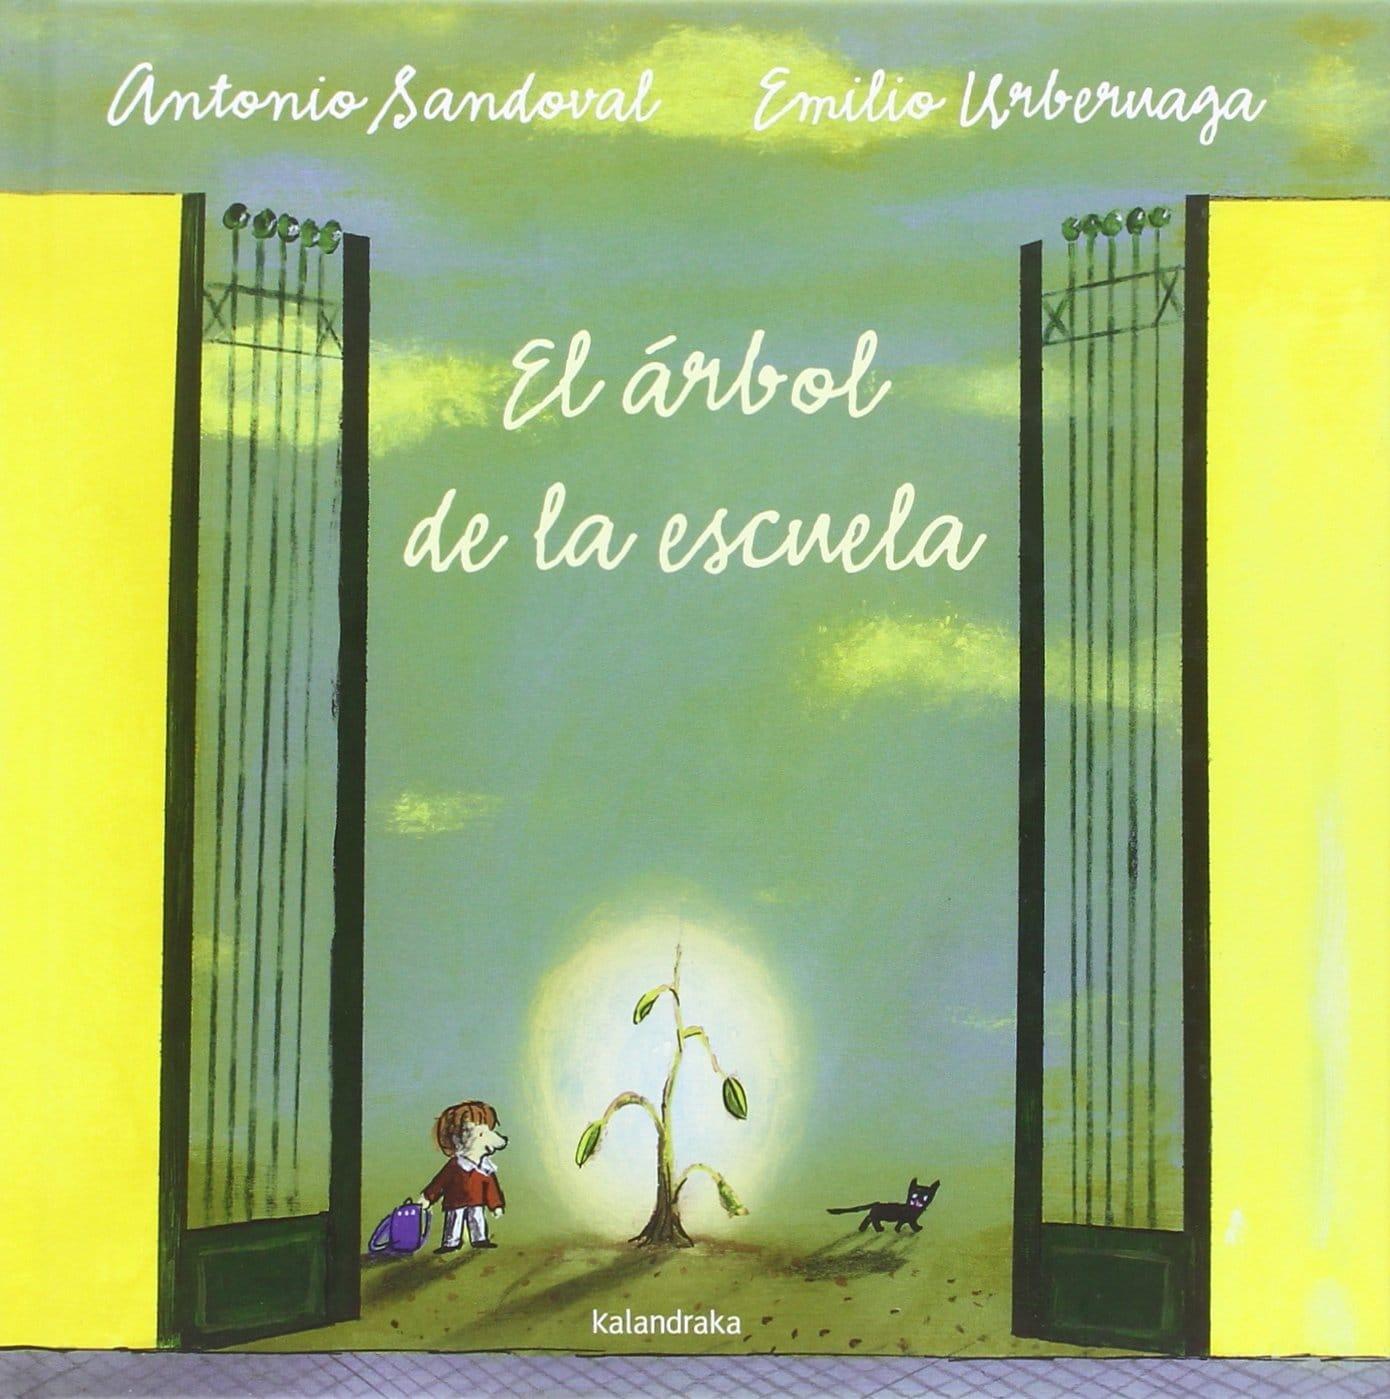 El Árbol de la Escuela, de Antonio Sandoval y Emilio Urberuaga